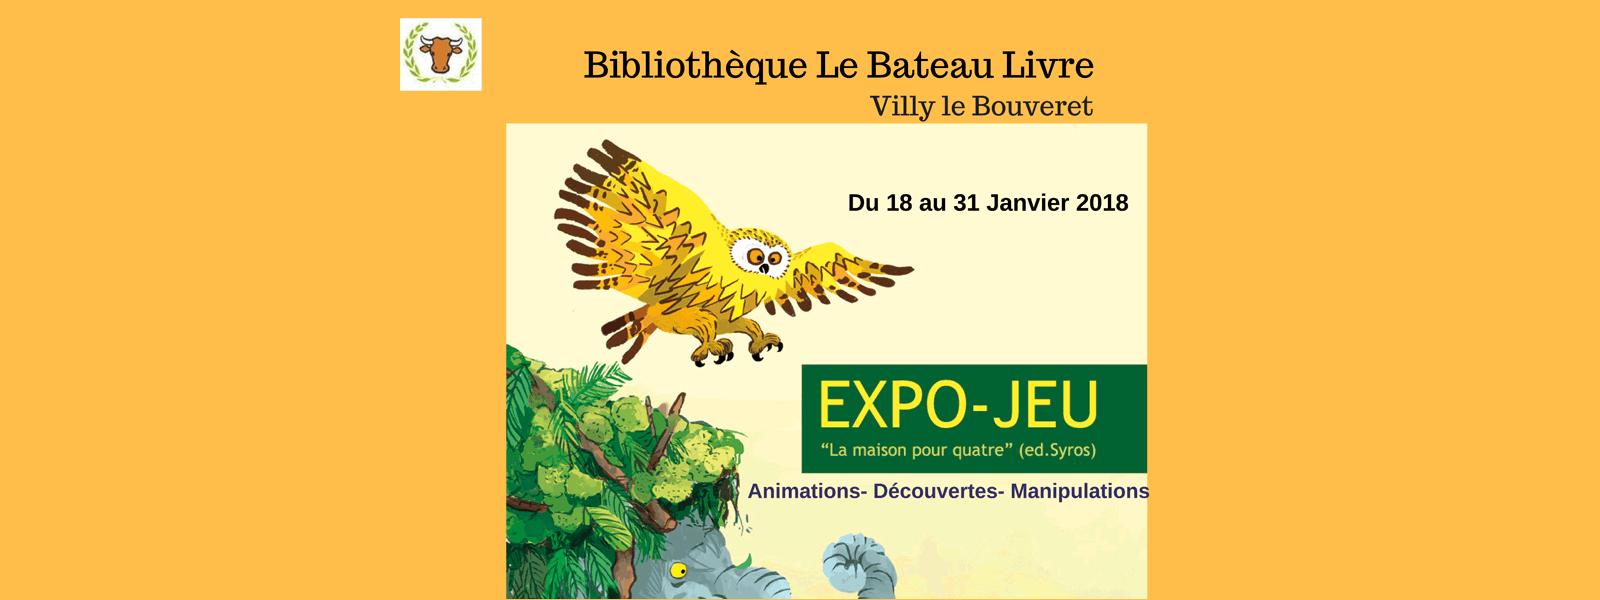 Expo-Jeu à la Bibliotheque de Villy-le-Bouveret du 18 au 31 janvier 2018.